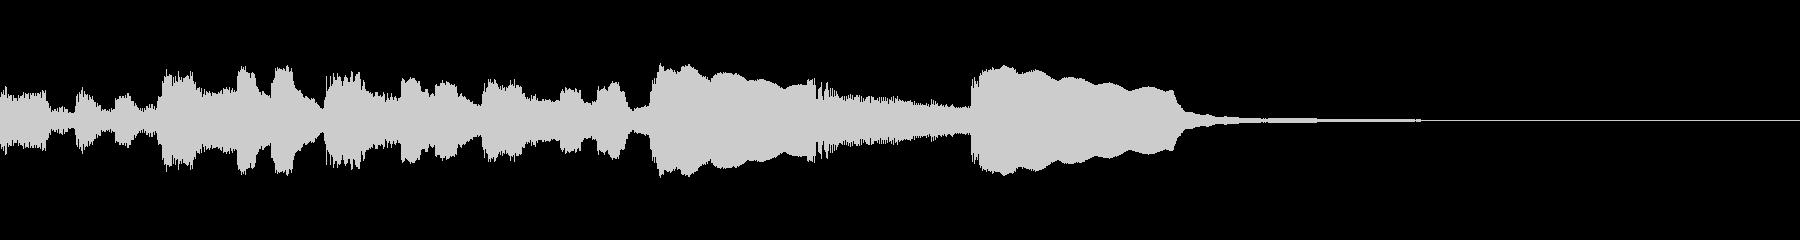 ひと昔前のレトロなゲーム効果音の未再生の波形